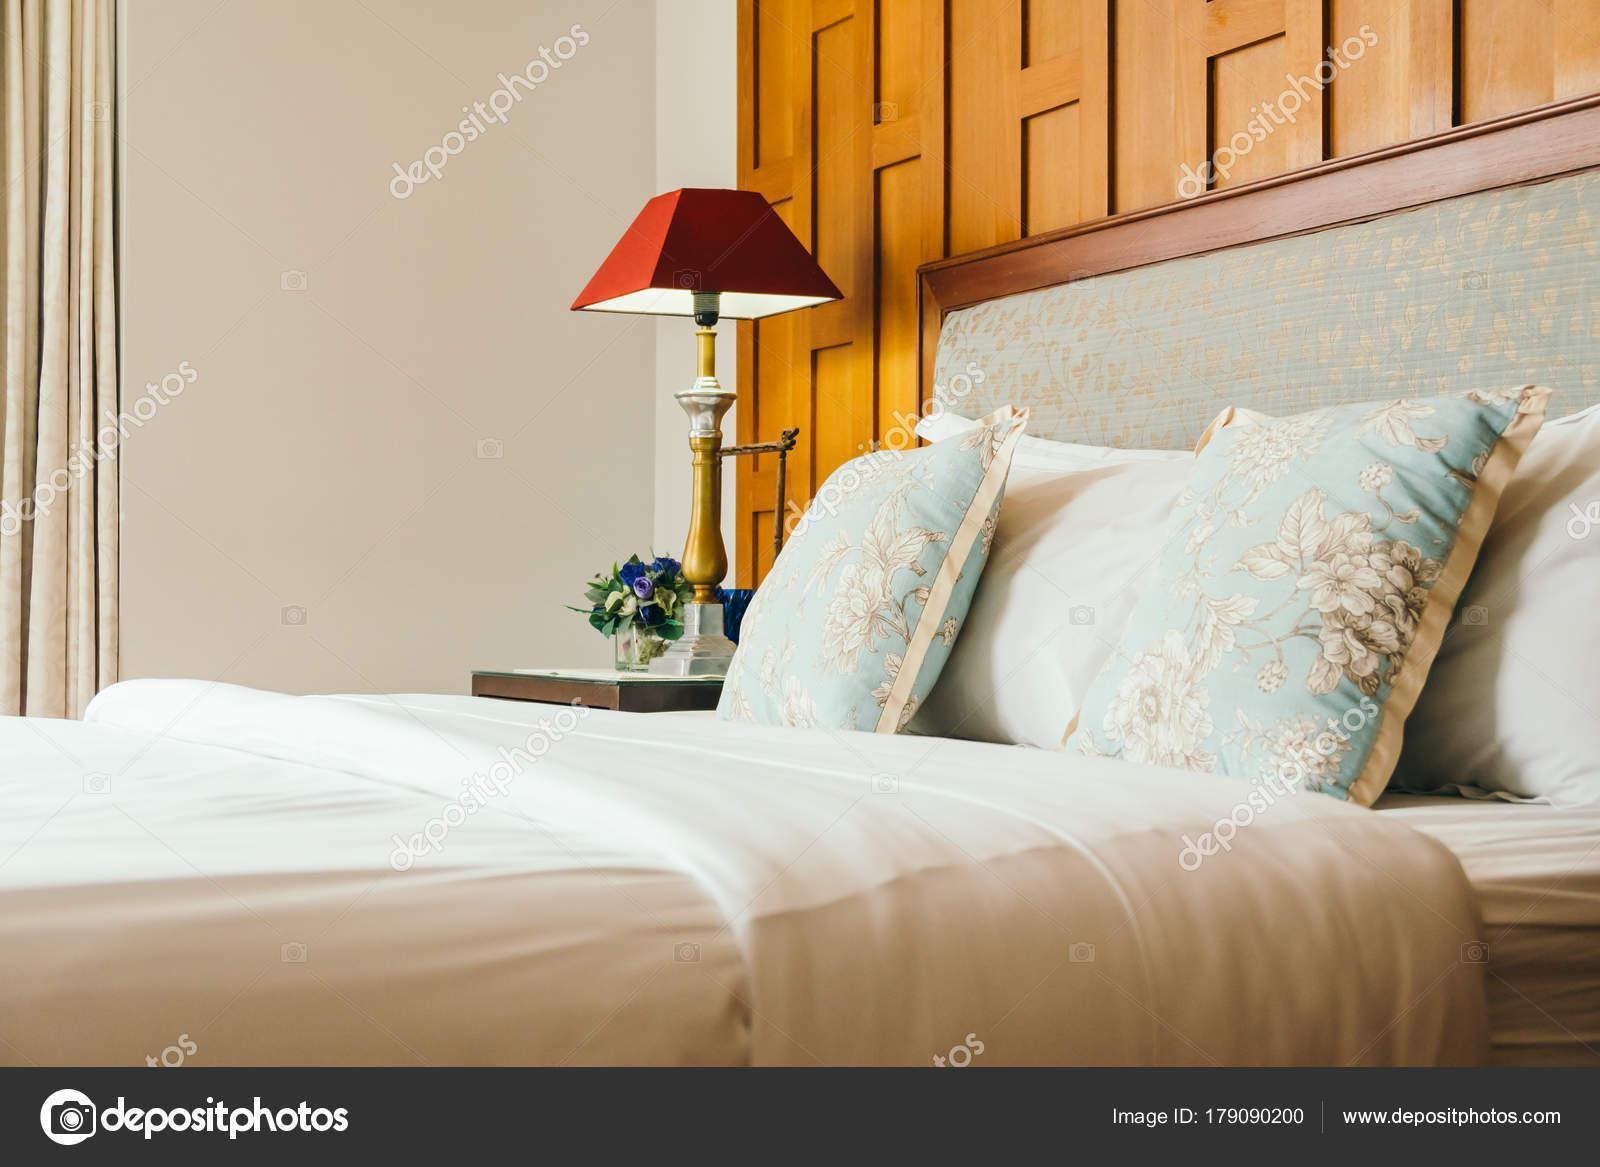 Comfort kussen het bed met licht lamp decoratie hotel slaapkamer